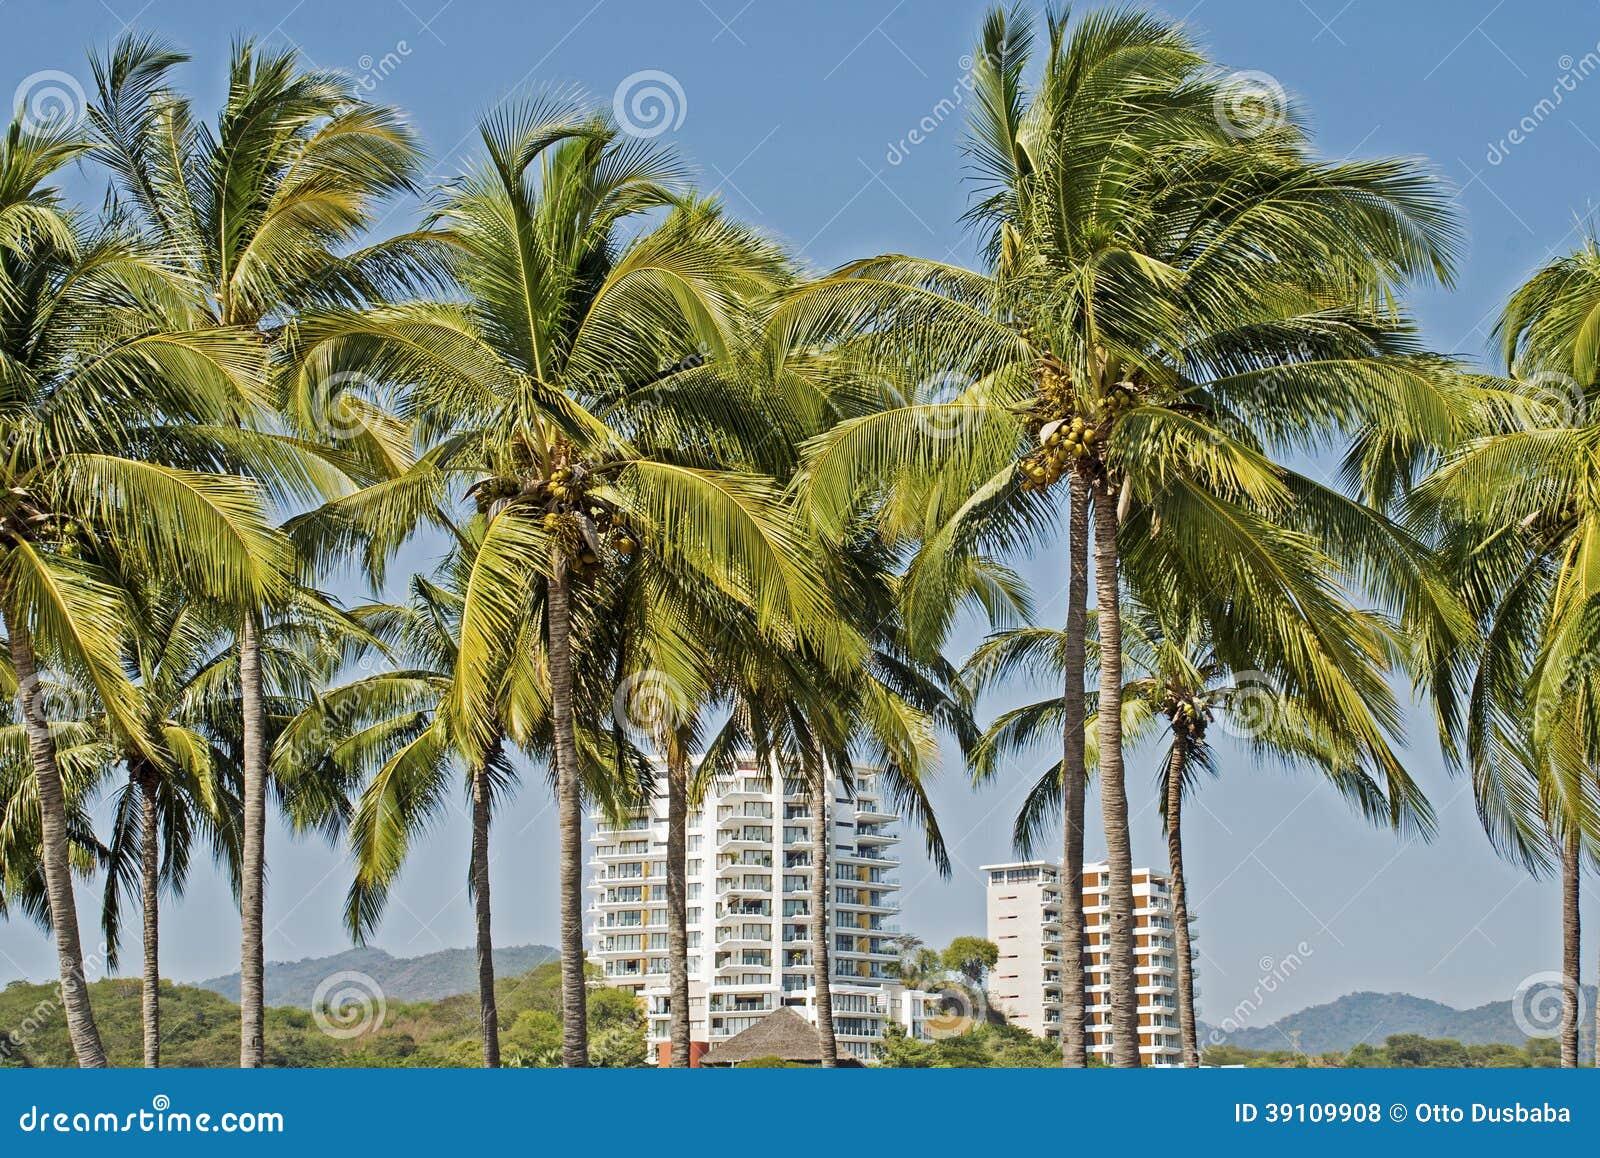 Palmen die op woonhigh-rise uitzien